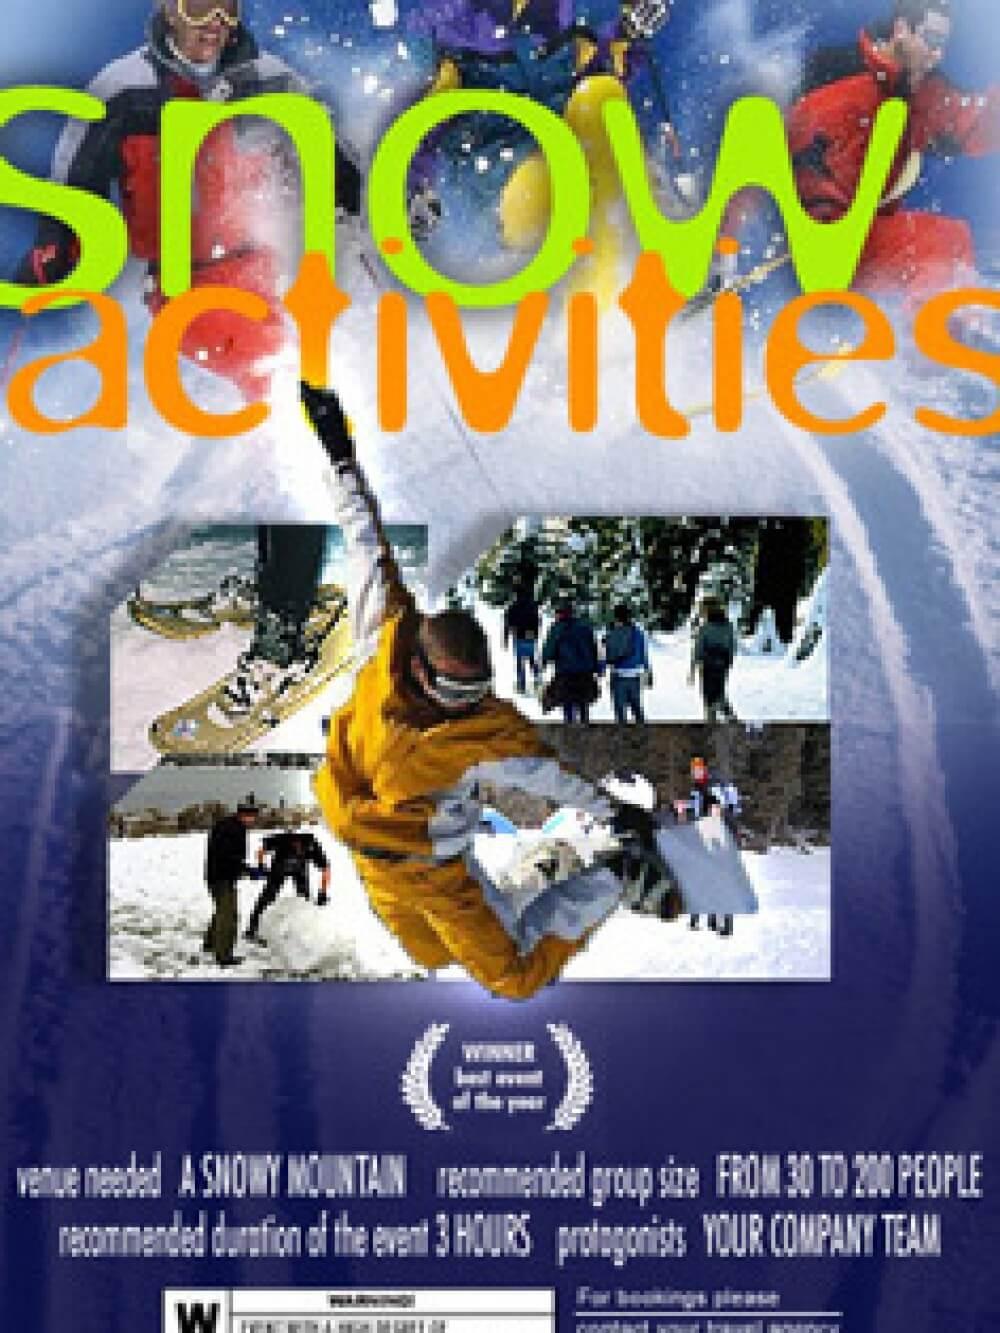 snow_activities_vertical_web